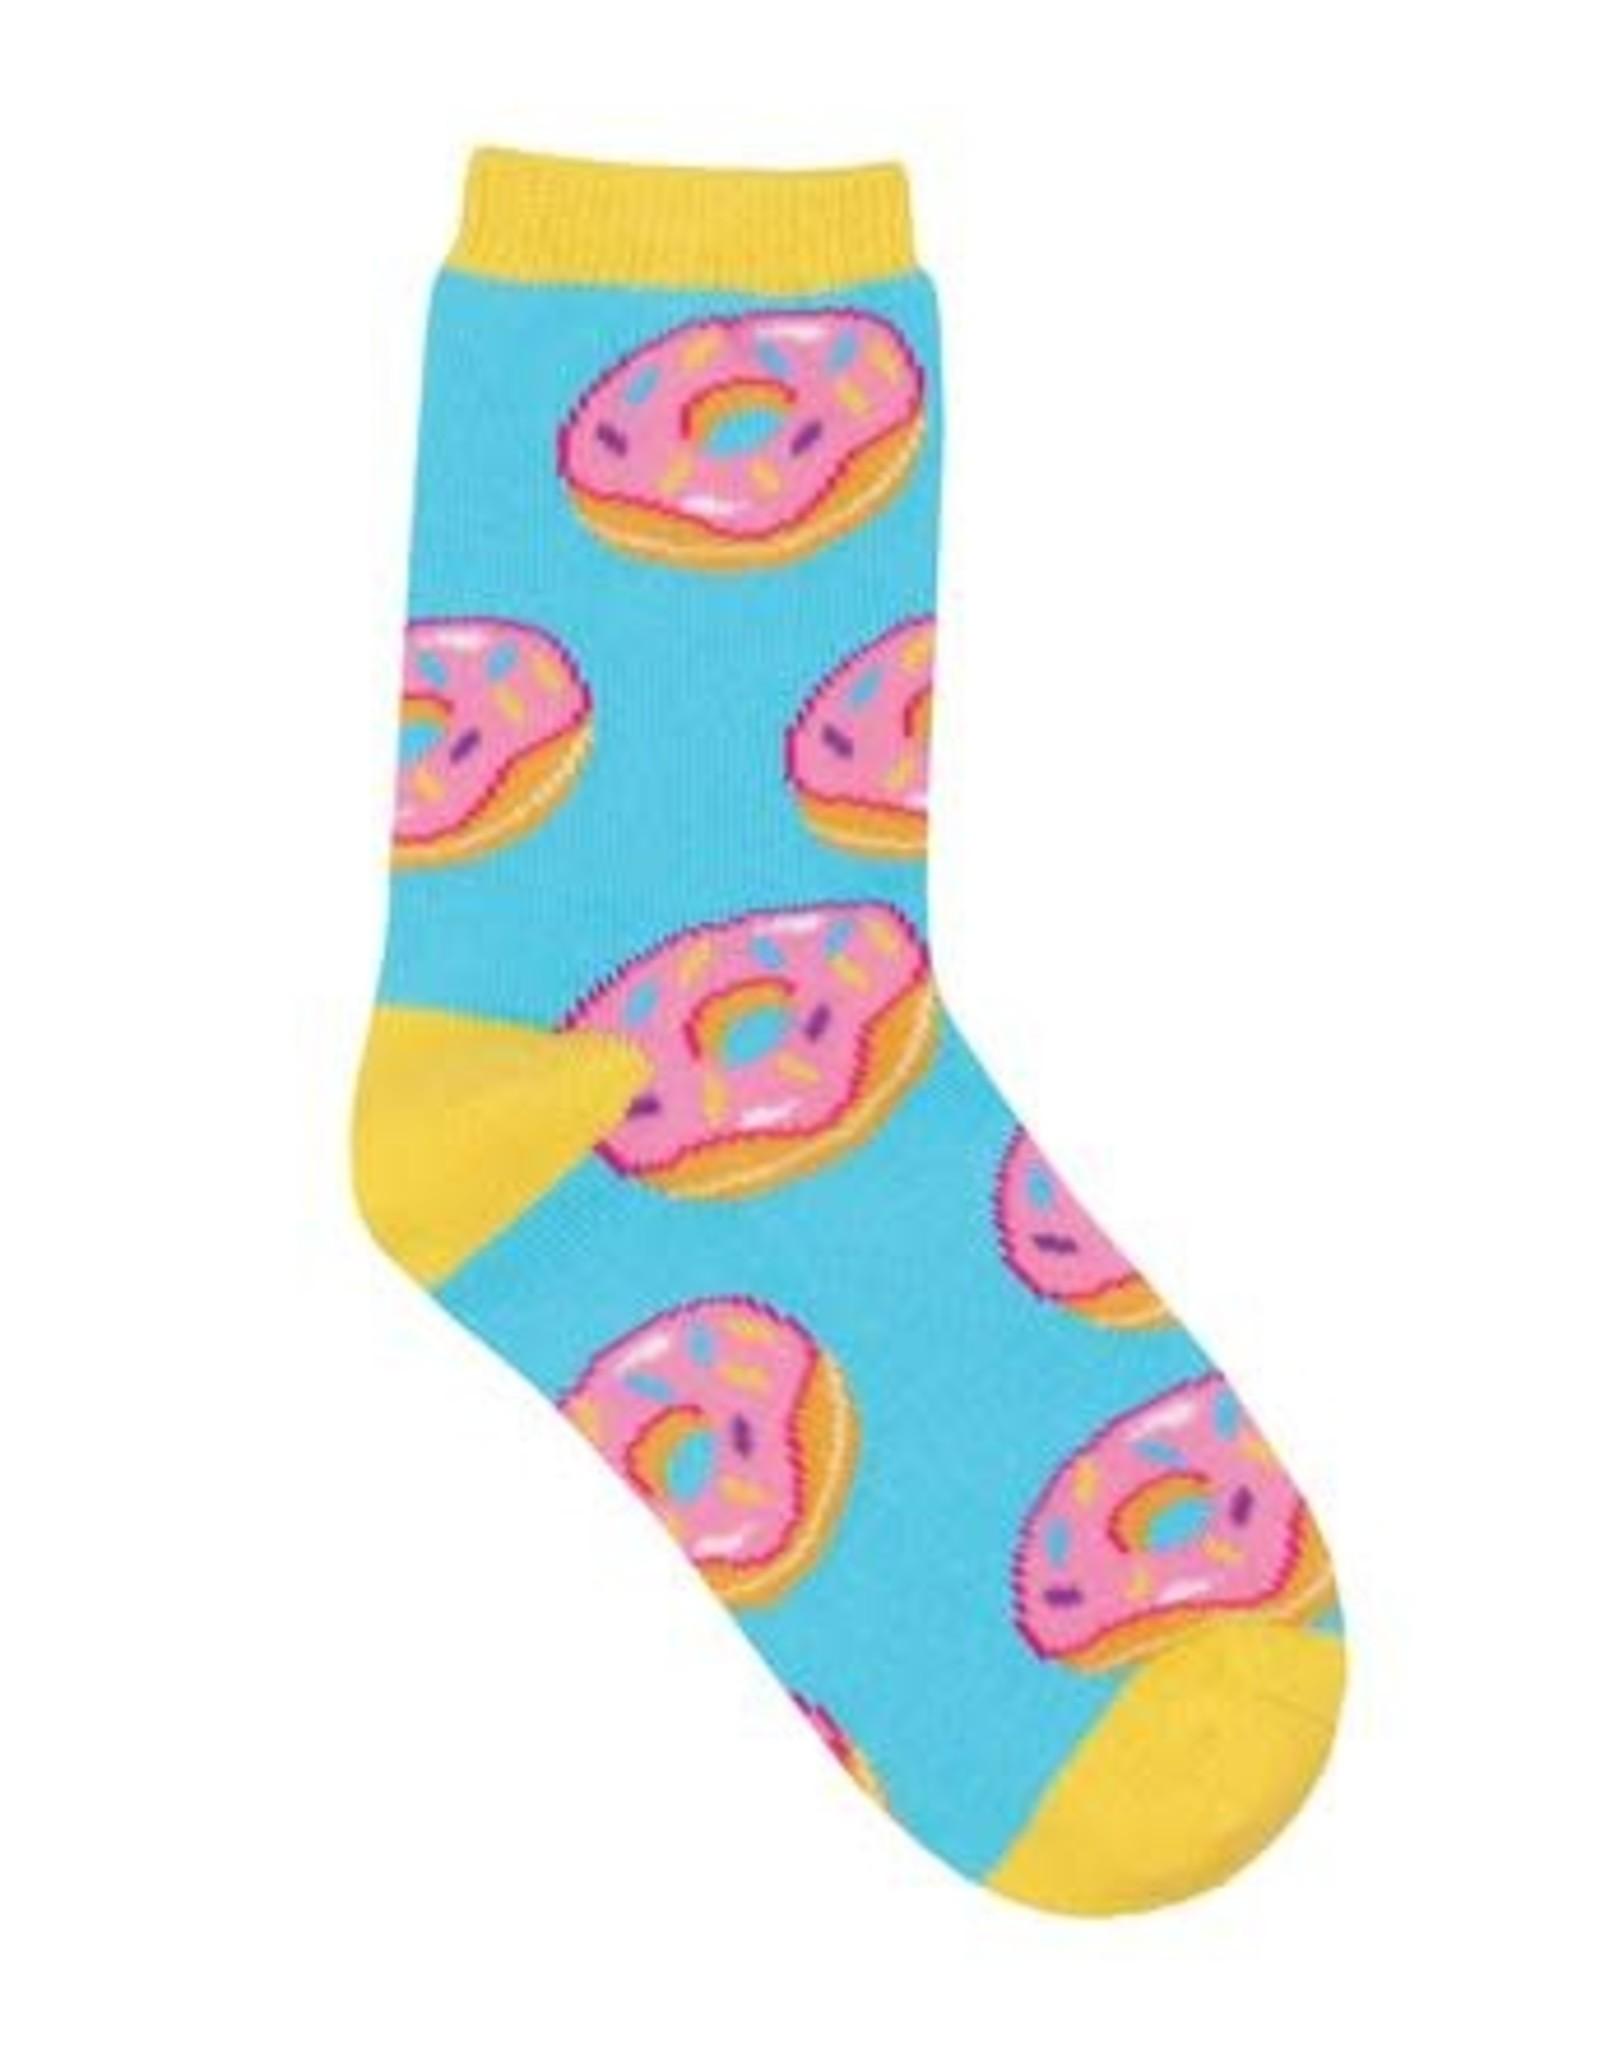 Socksmith Donut Socks